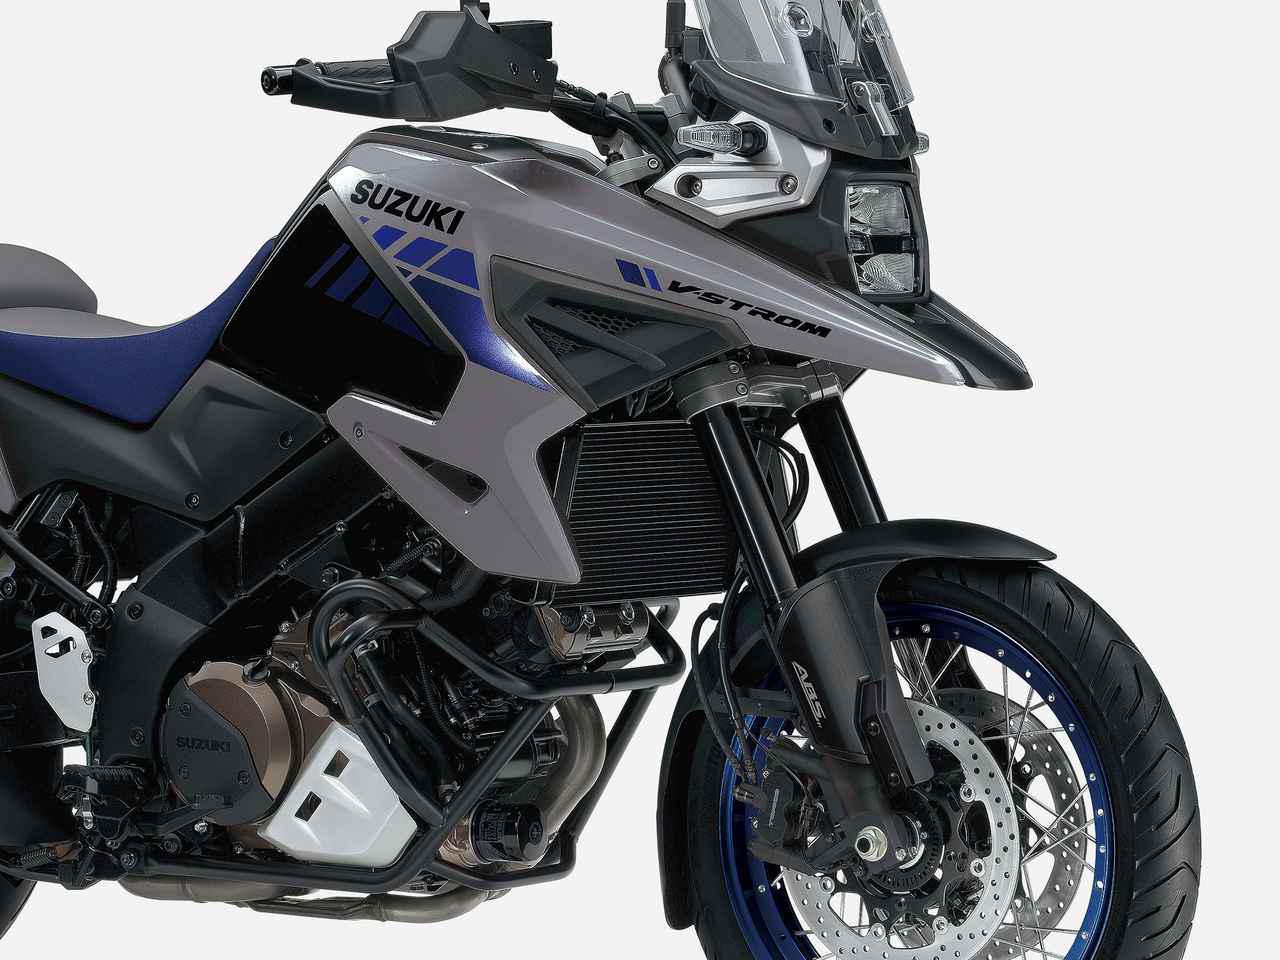 画像: スズキ『Vストローム1050/XT』が2021年カラーでちょっとイメージ変えてきた?  - スズキのバイク!